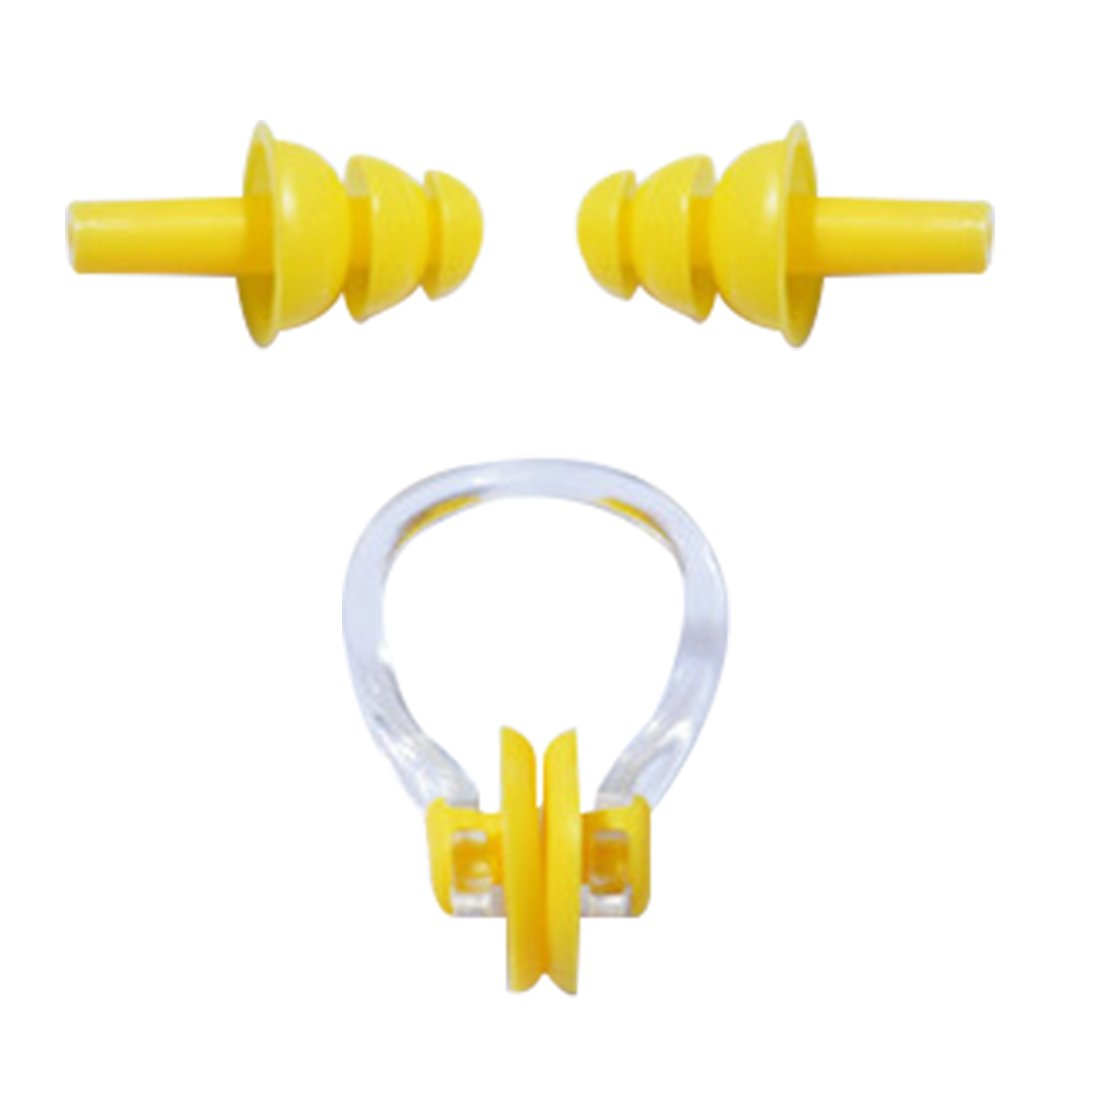 セット スーツバッグ 防水 シリコン 水泳 鼻栓 耳栓 クリップ